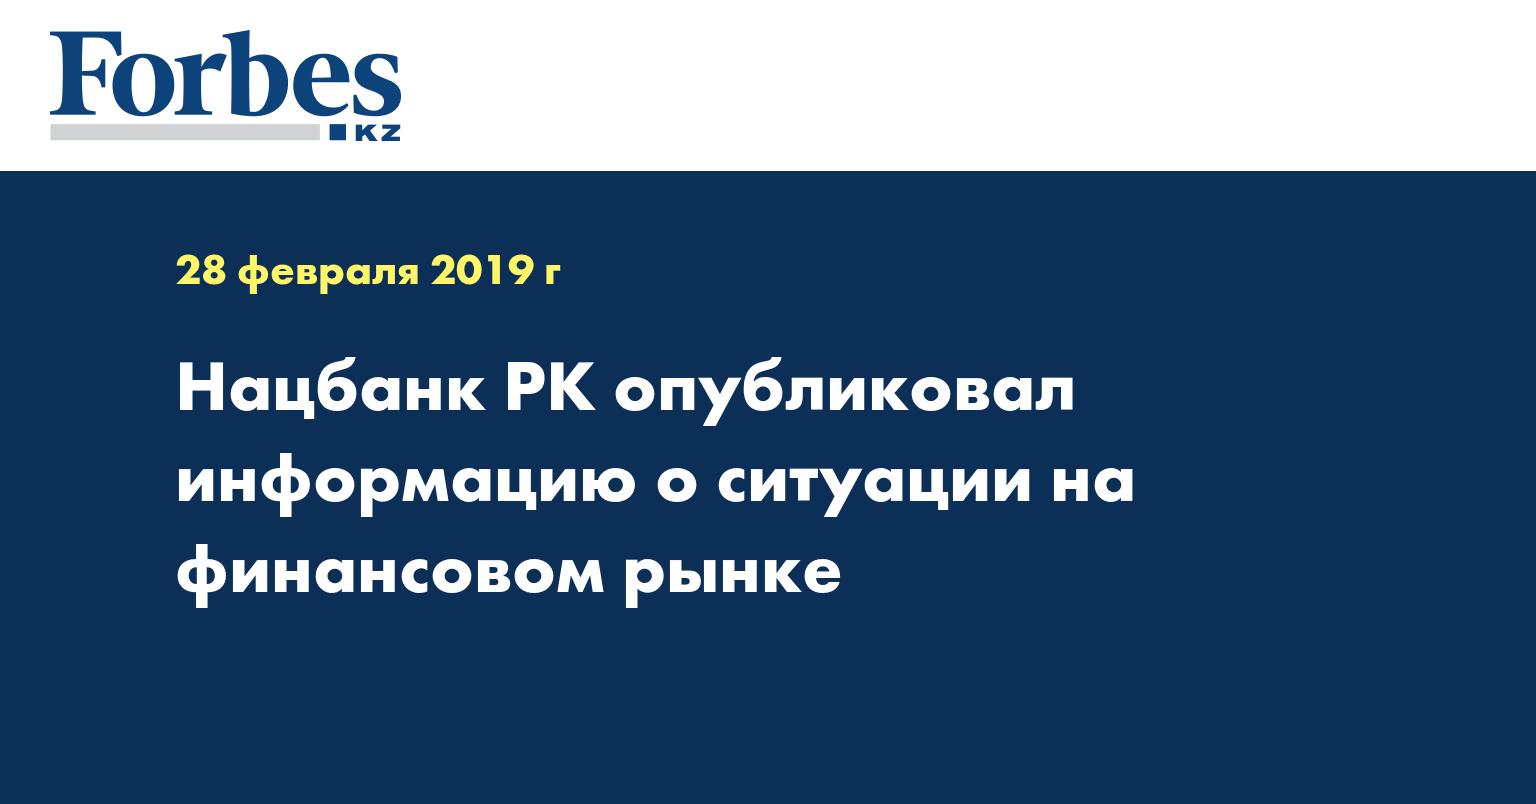 Нацбанк РК опубликовал информацию о ситуации на финансовом рынке